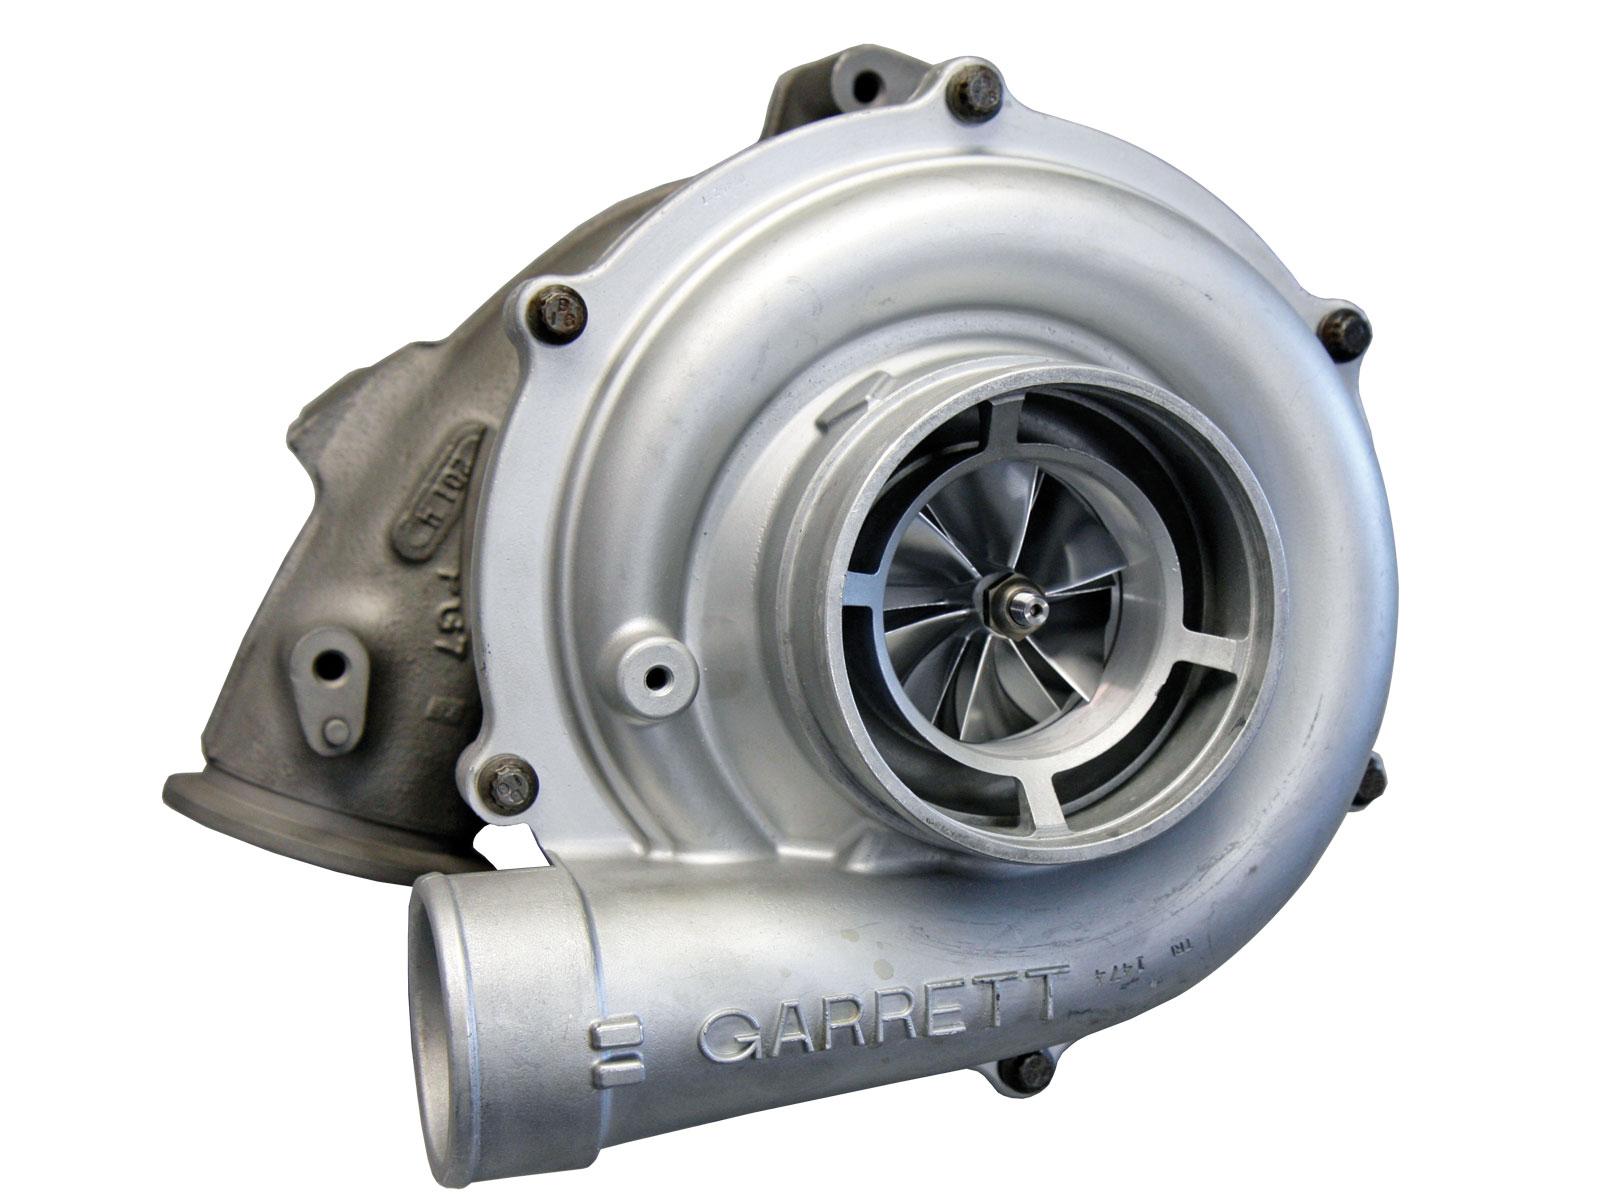 opțiune turbo ce este)